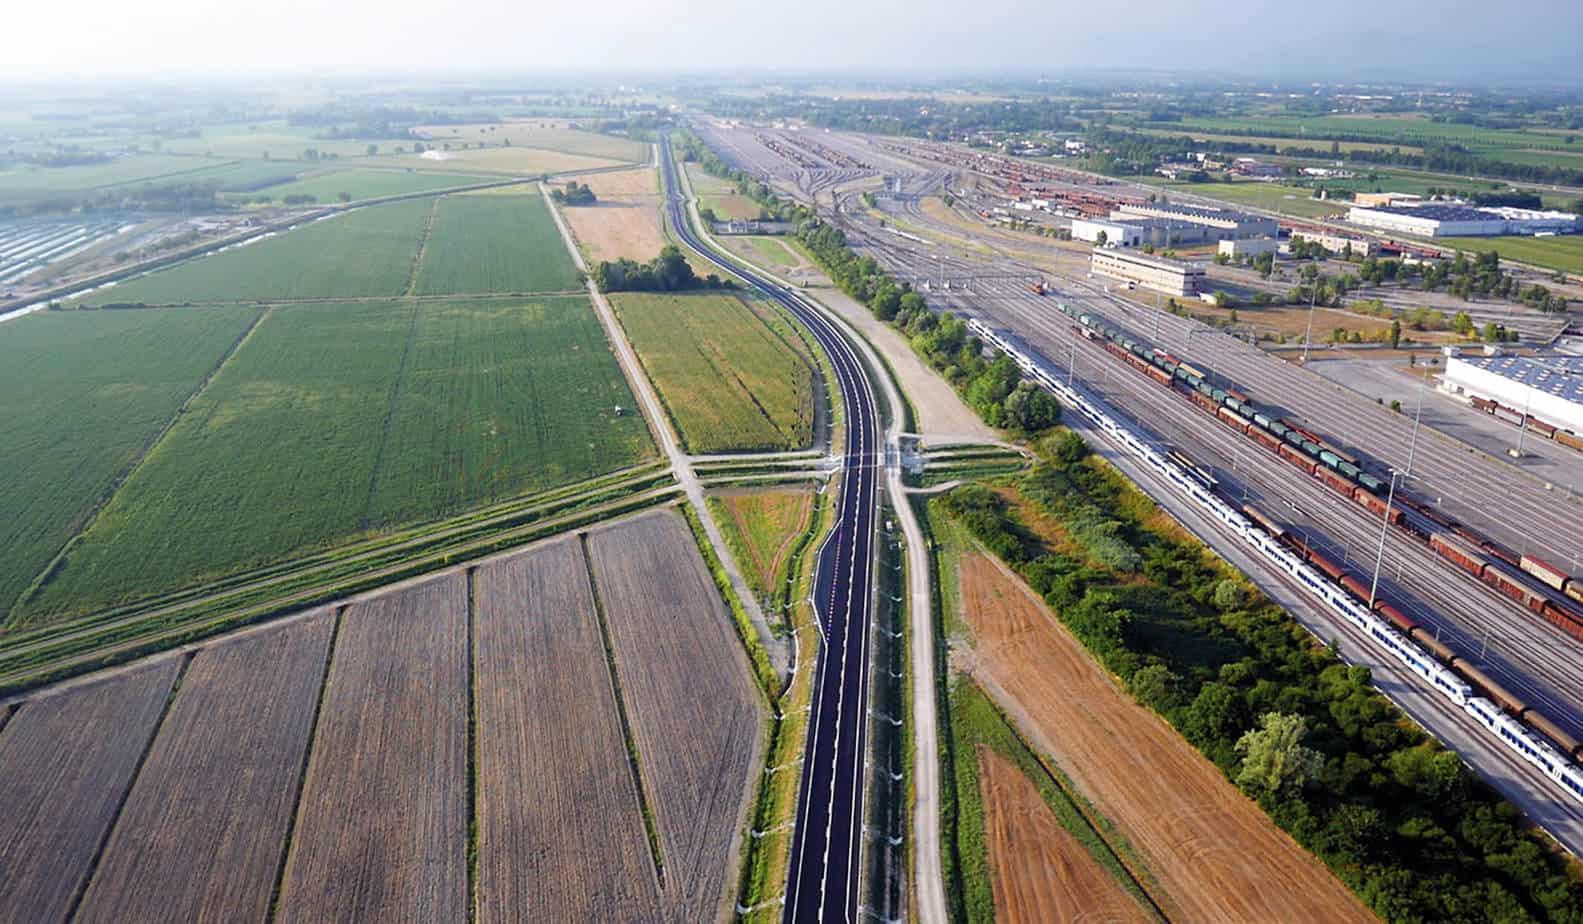 L'immagine dell'arteria stradale in prossimità dell'interporto ferroviario di Cervignano. In primo piano, un ponte delle opere minori su canale consortile